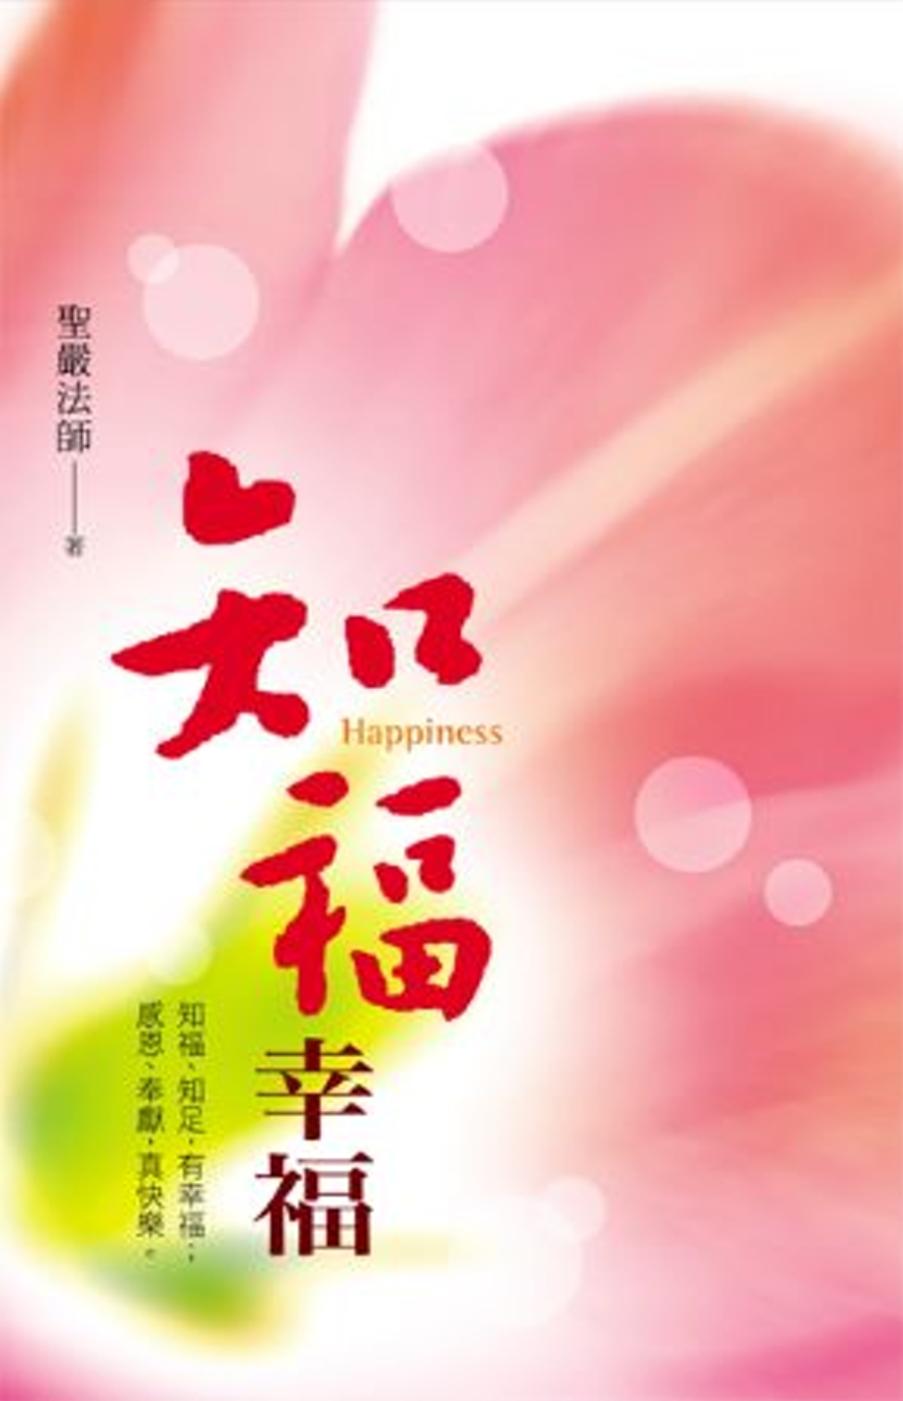 知福幸福:知福、知足,有幸福;感恩、奉獻,真快樂。